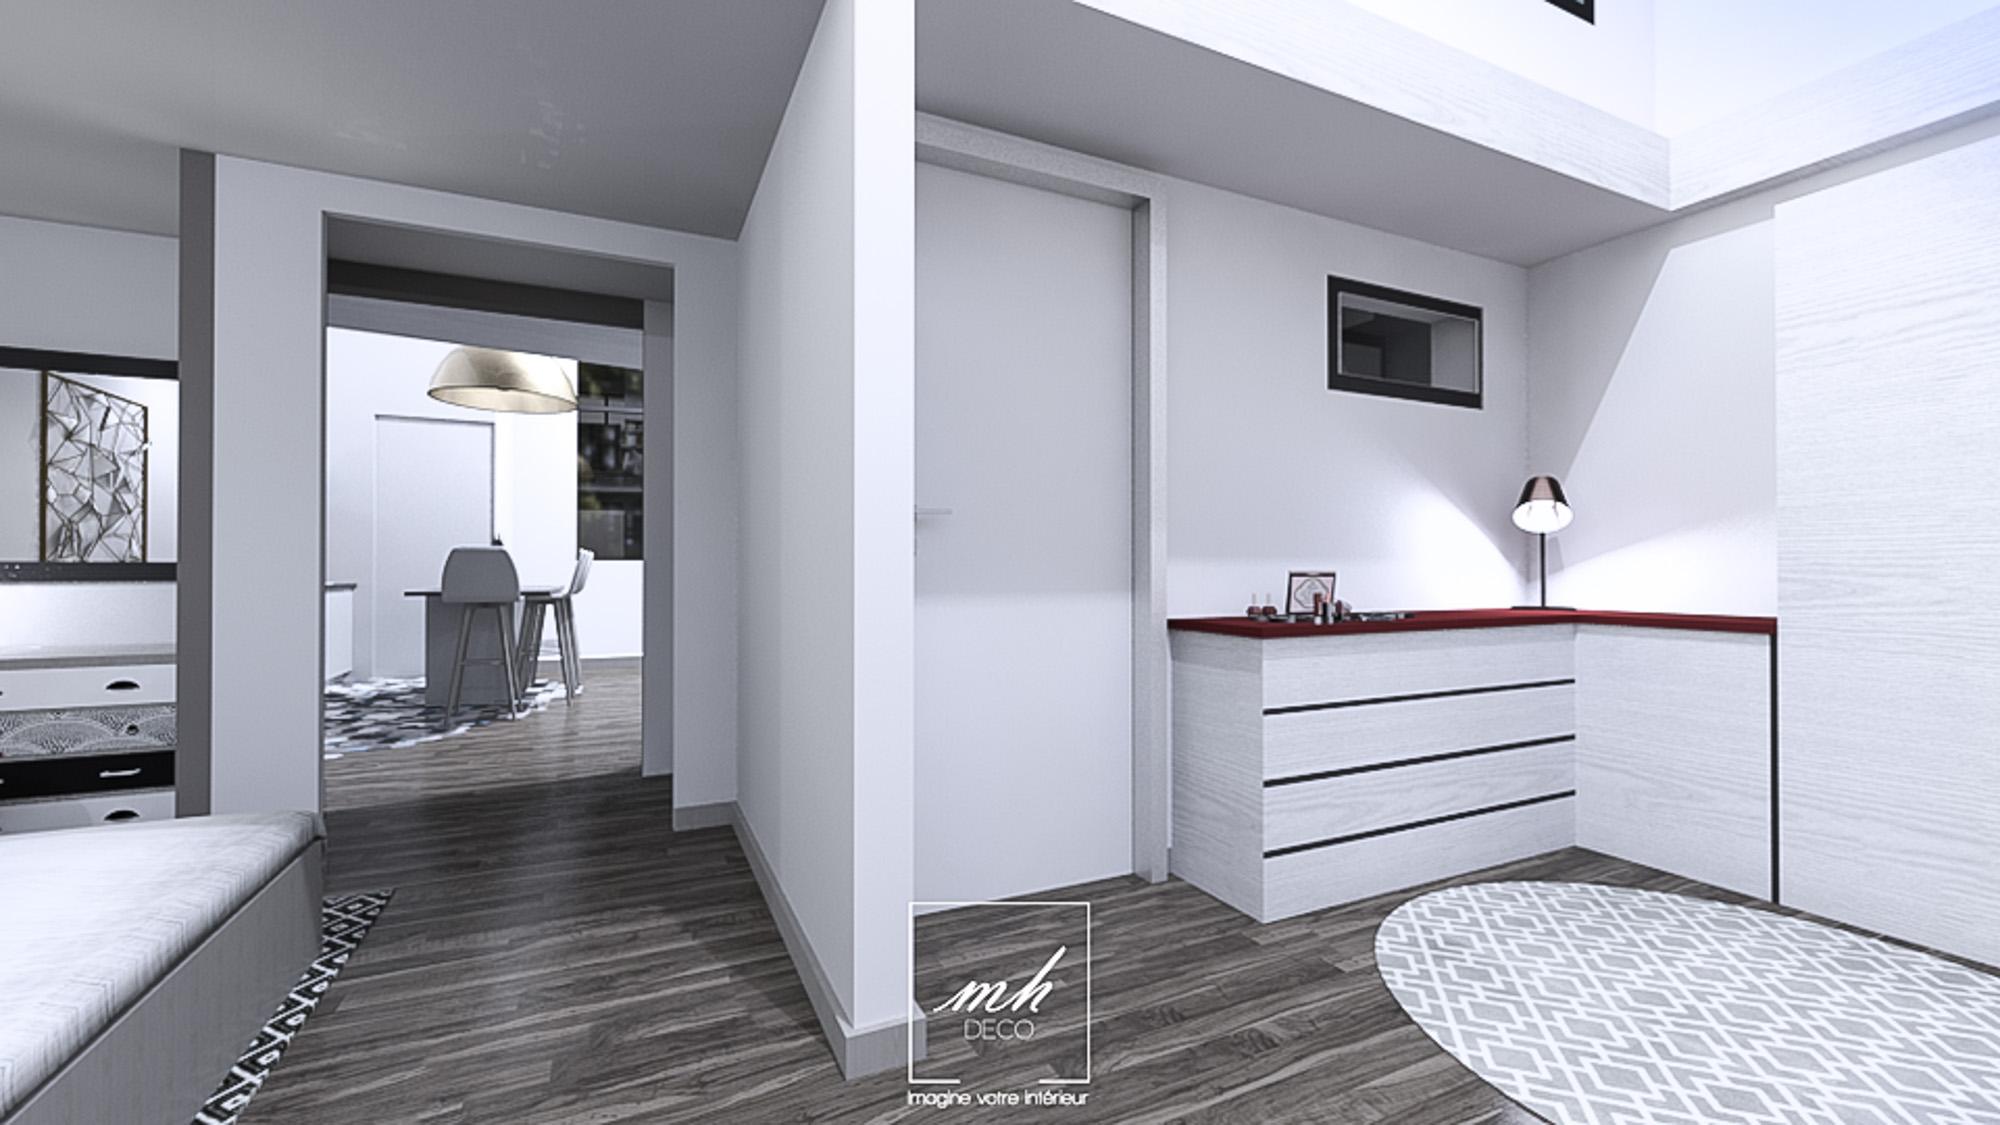 mh-deco-interieur-montpellier-vente-appartement-7